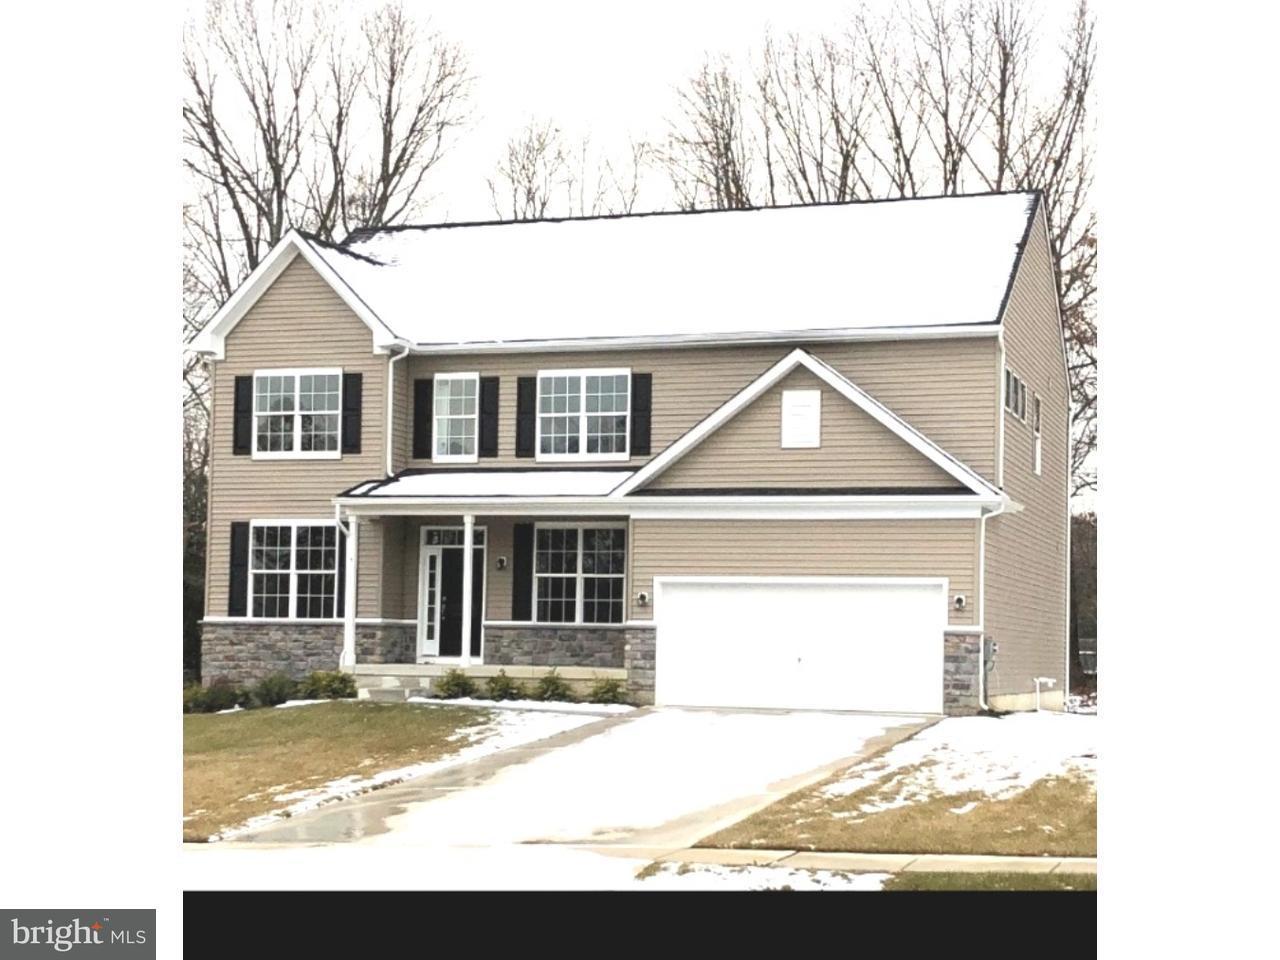 Частный односемейный дом для того Продажа на 5 MIMOSA Court Gloucester, Нью-Джерси 08081 Соединенные Штаты